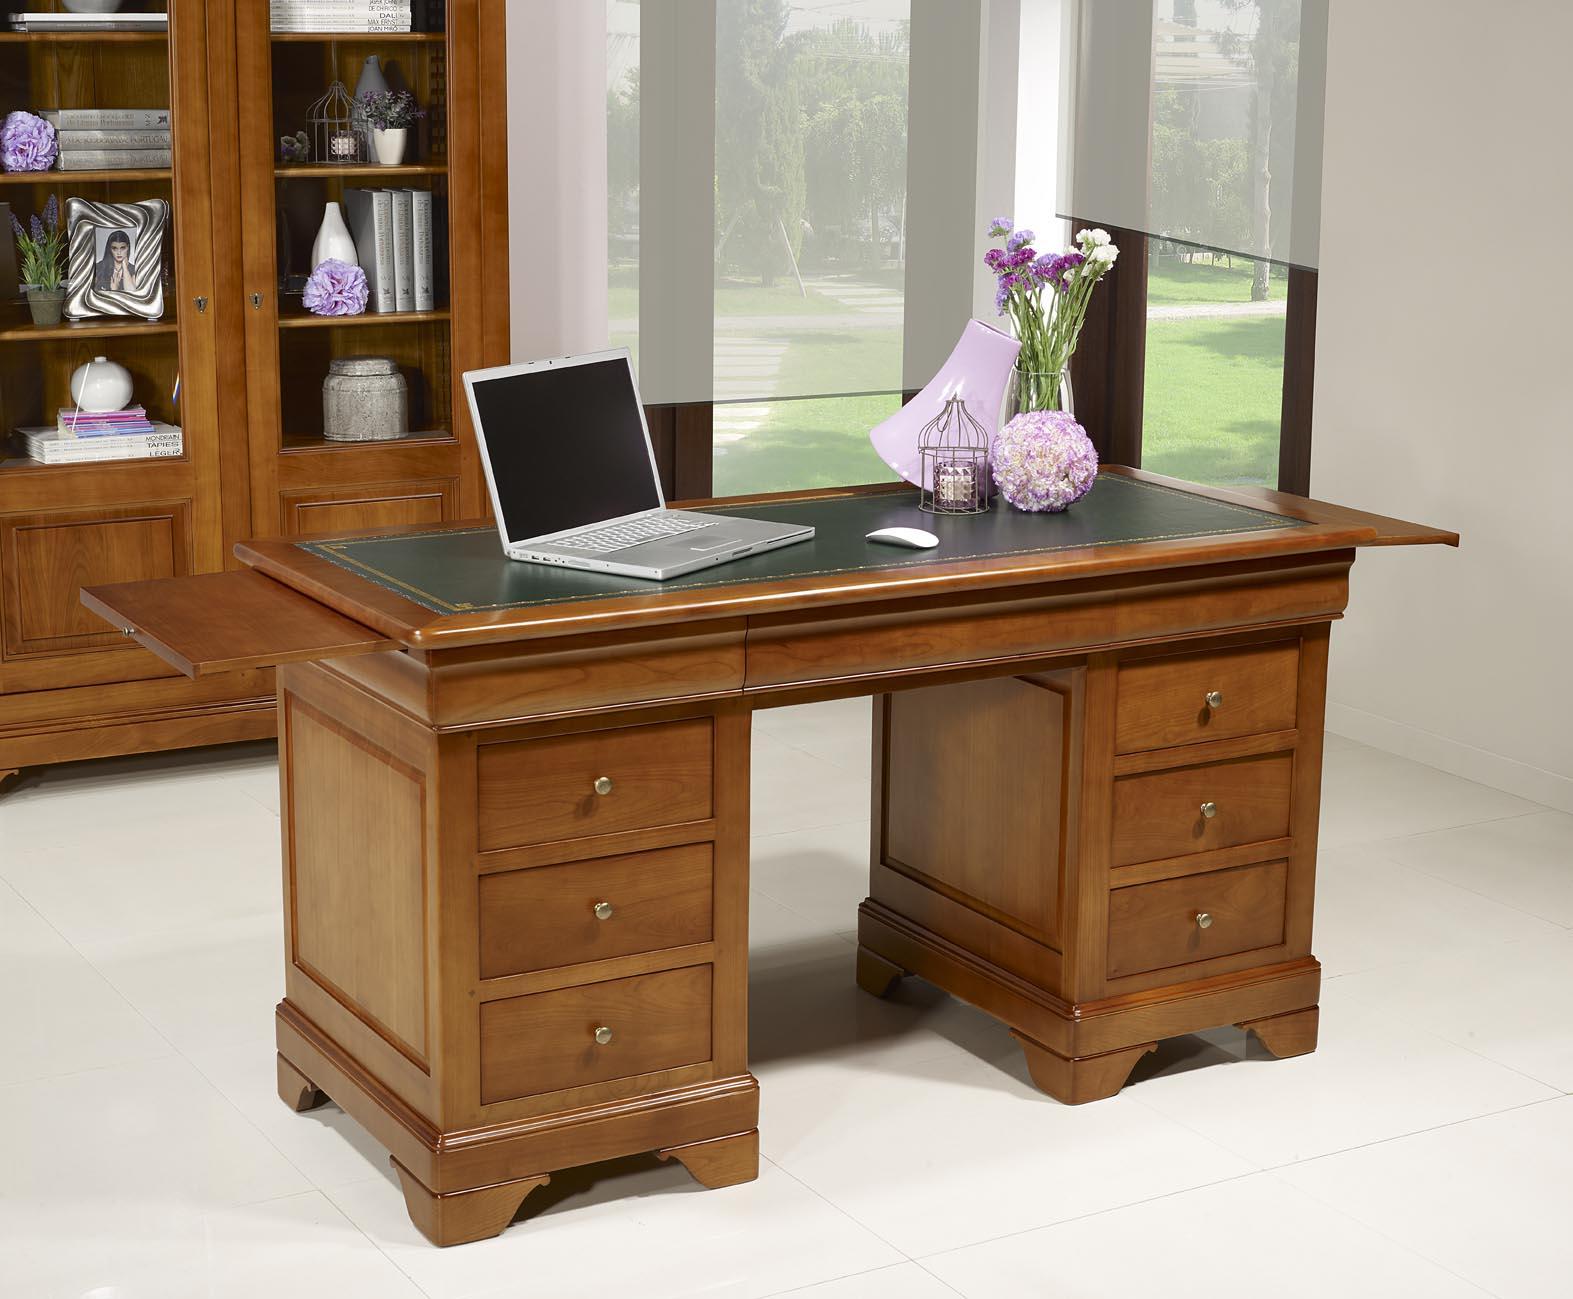 bureau ministre 9 tiroirs en merisier massif de style louis philippe meuble en merisier. Black Bedroom Furniture Sets. Home Design Ideas